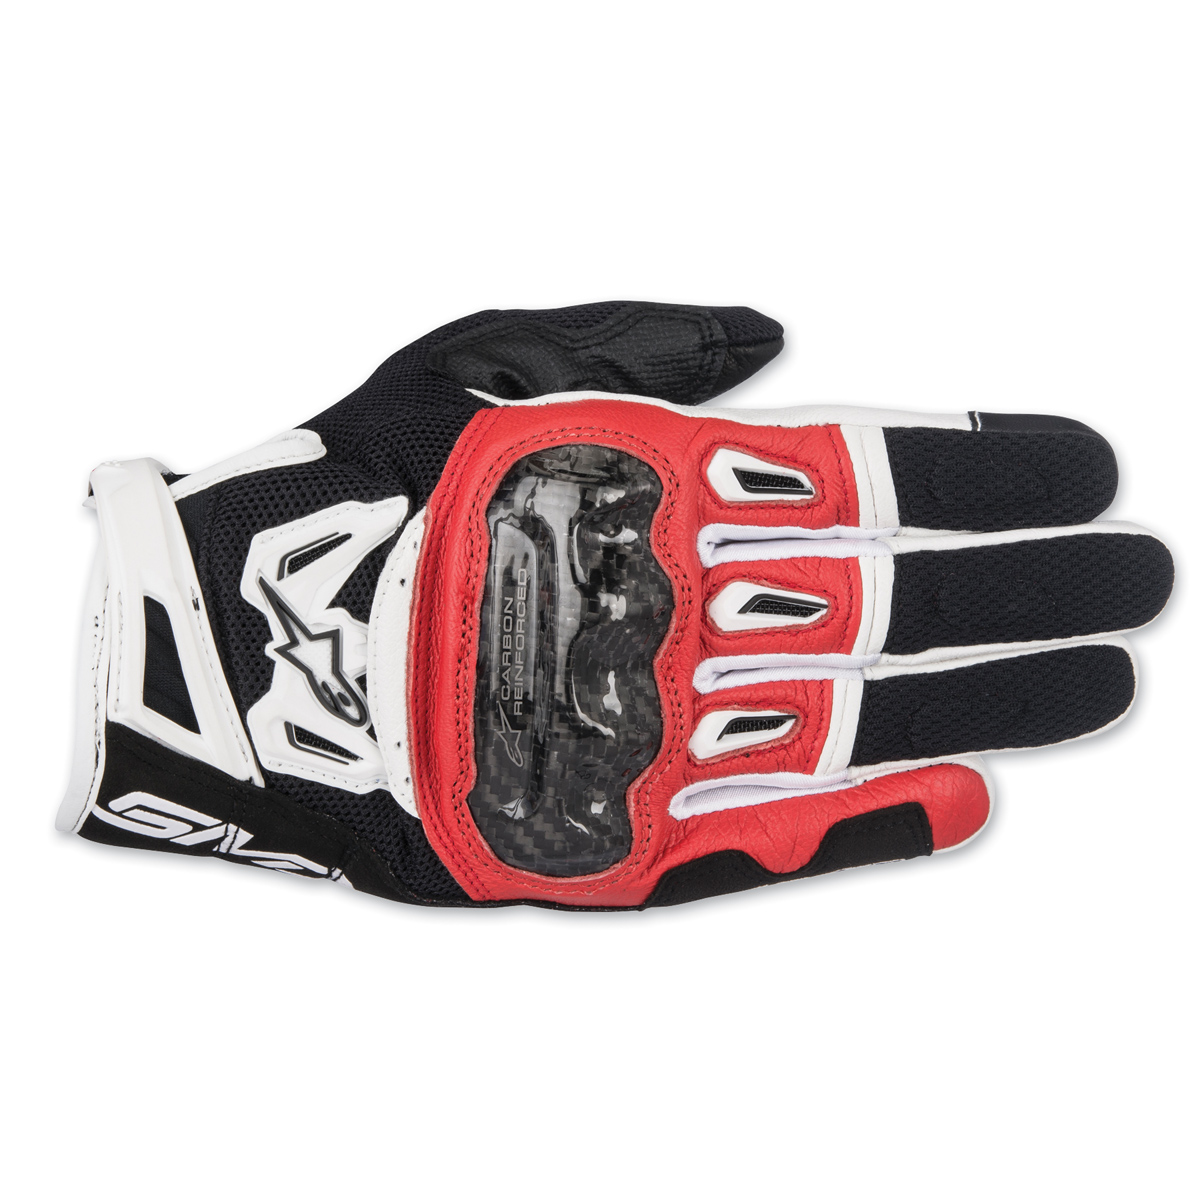 Alpinestars Men's SMX-2 v2 Air Carbon Black/Red/White Gloves